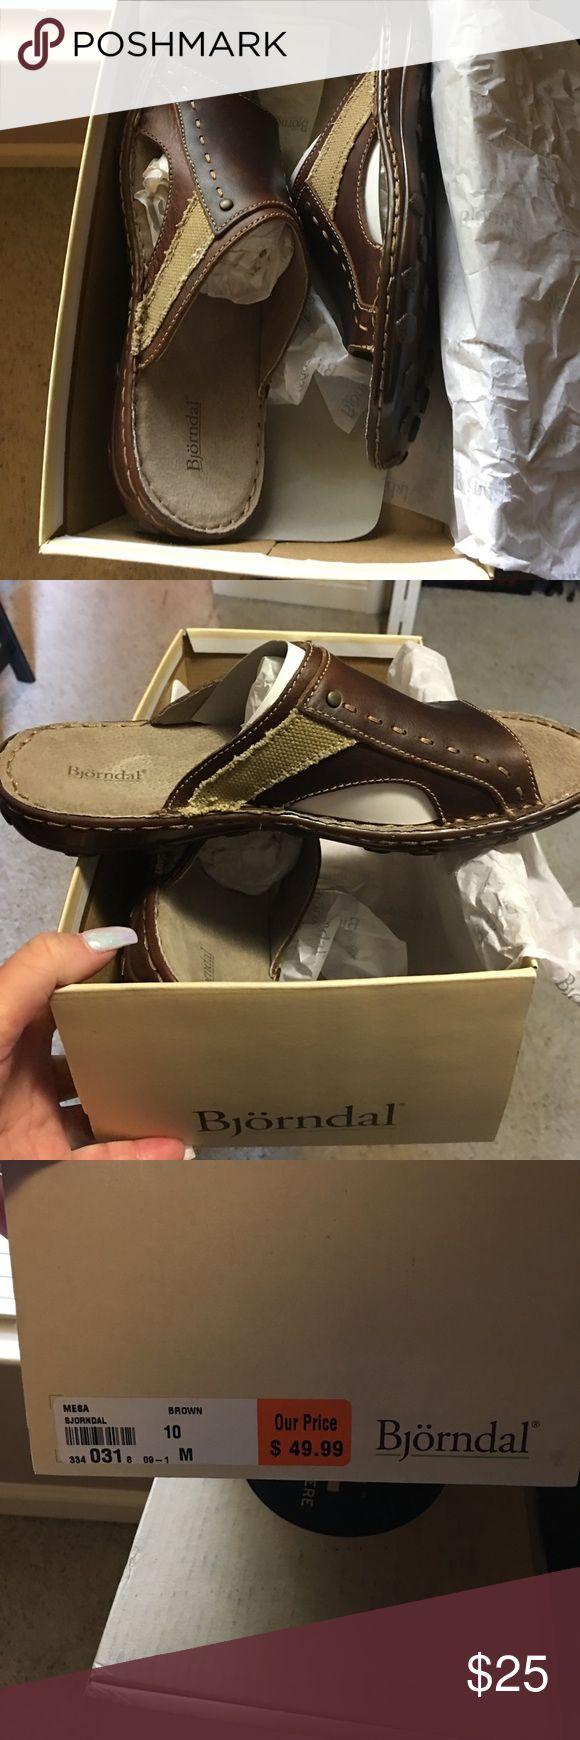 Men's slip on shoes Bjorndal men's slip on shoes bjorndal Shoes Loafers & Slip-Ons